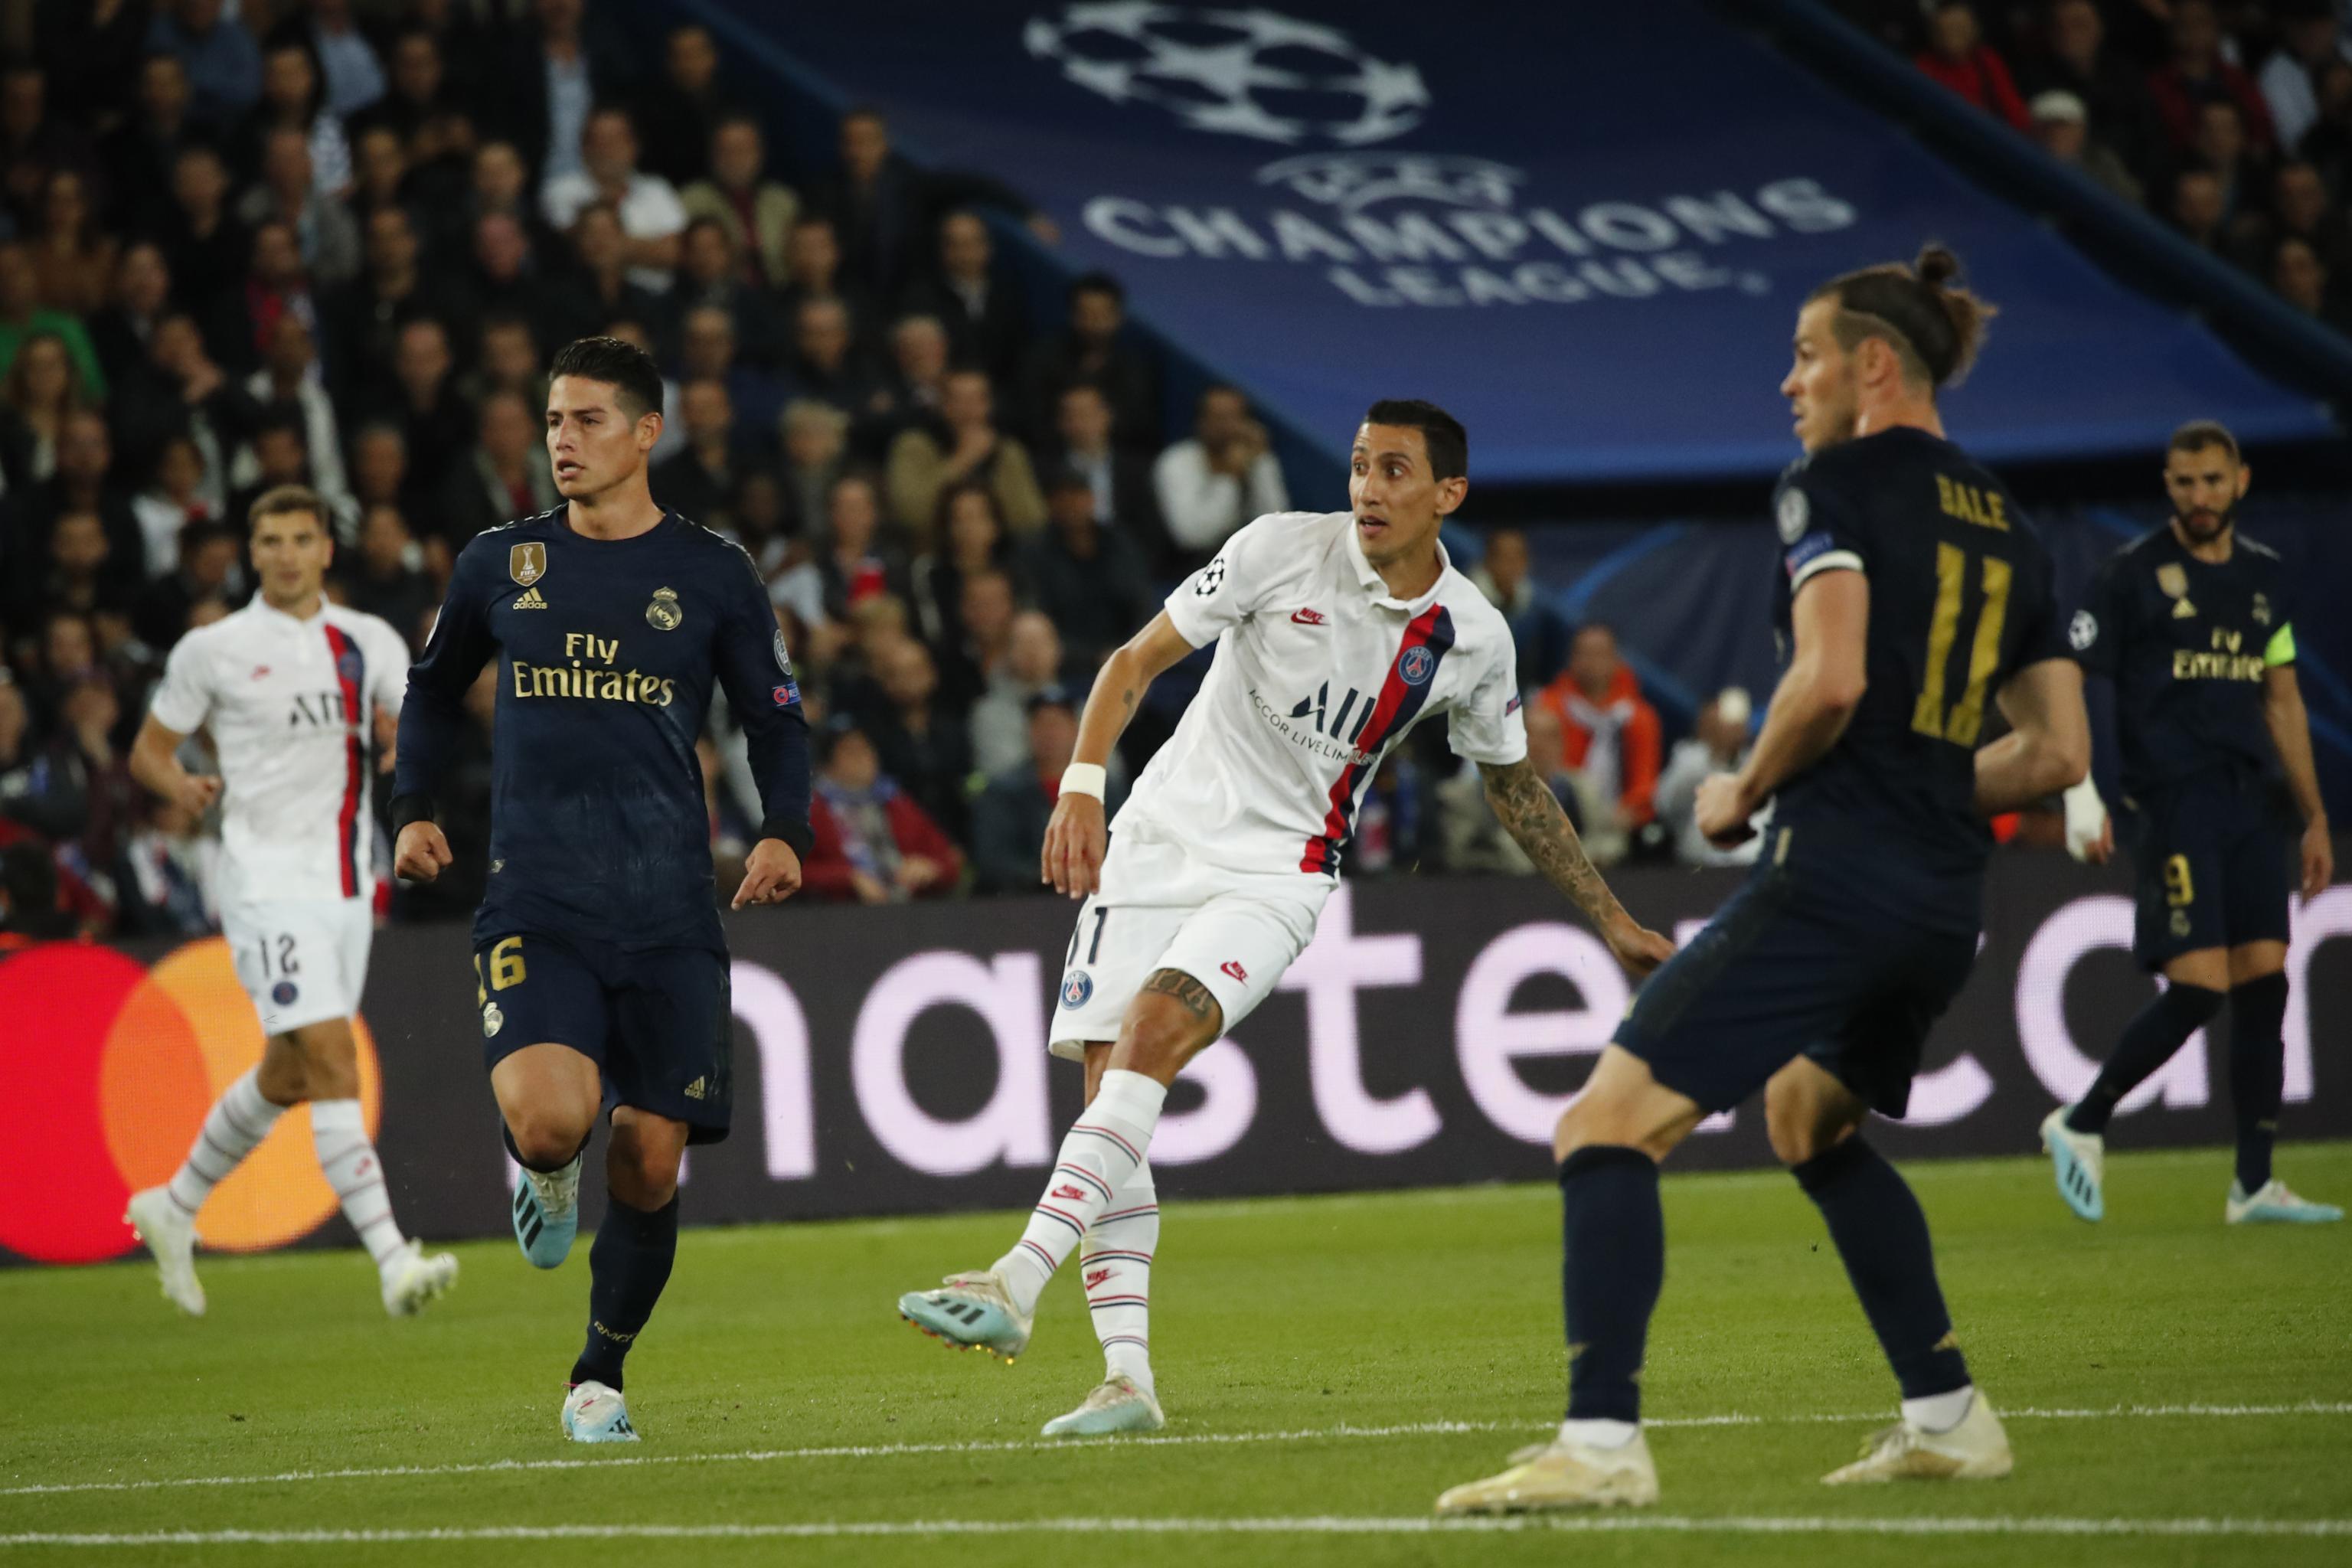 Thông kê kinh hoàng, cực sốc về Real Madrid ở trận thua PSG - Bóng Đá